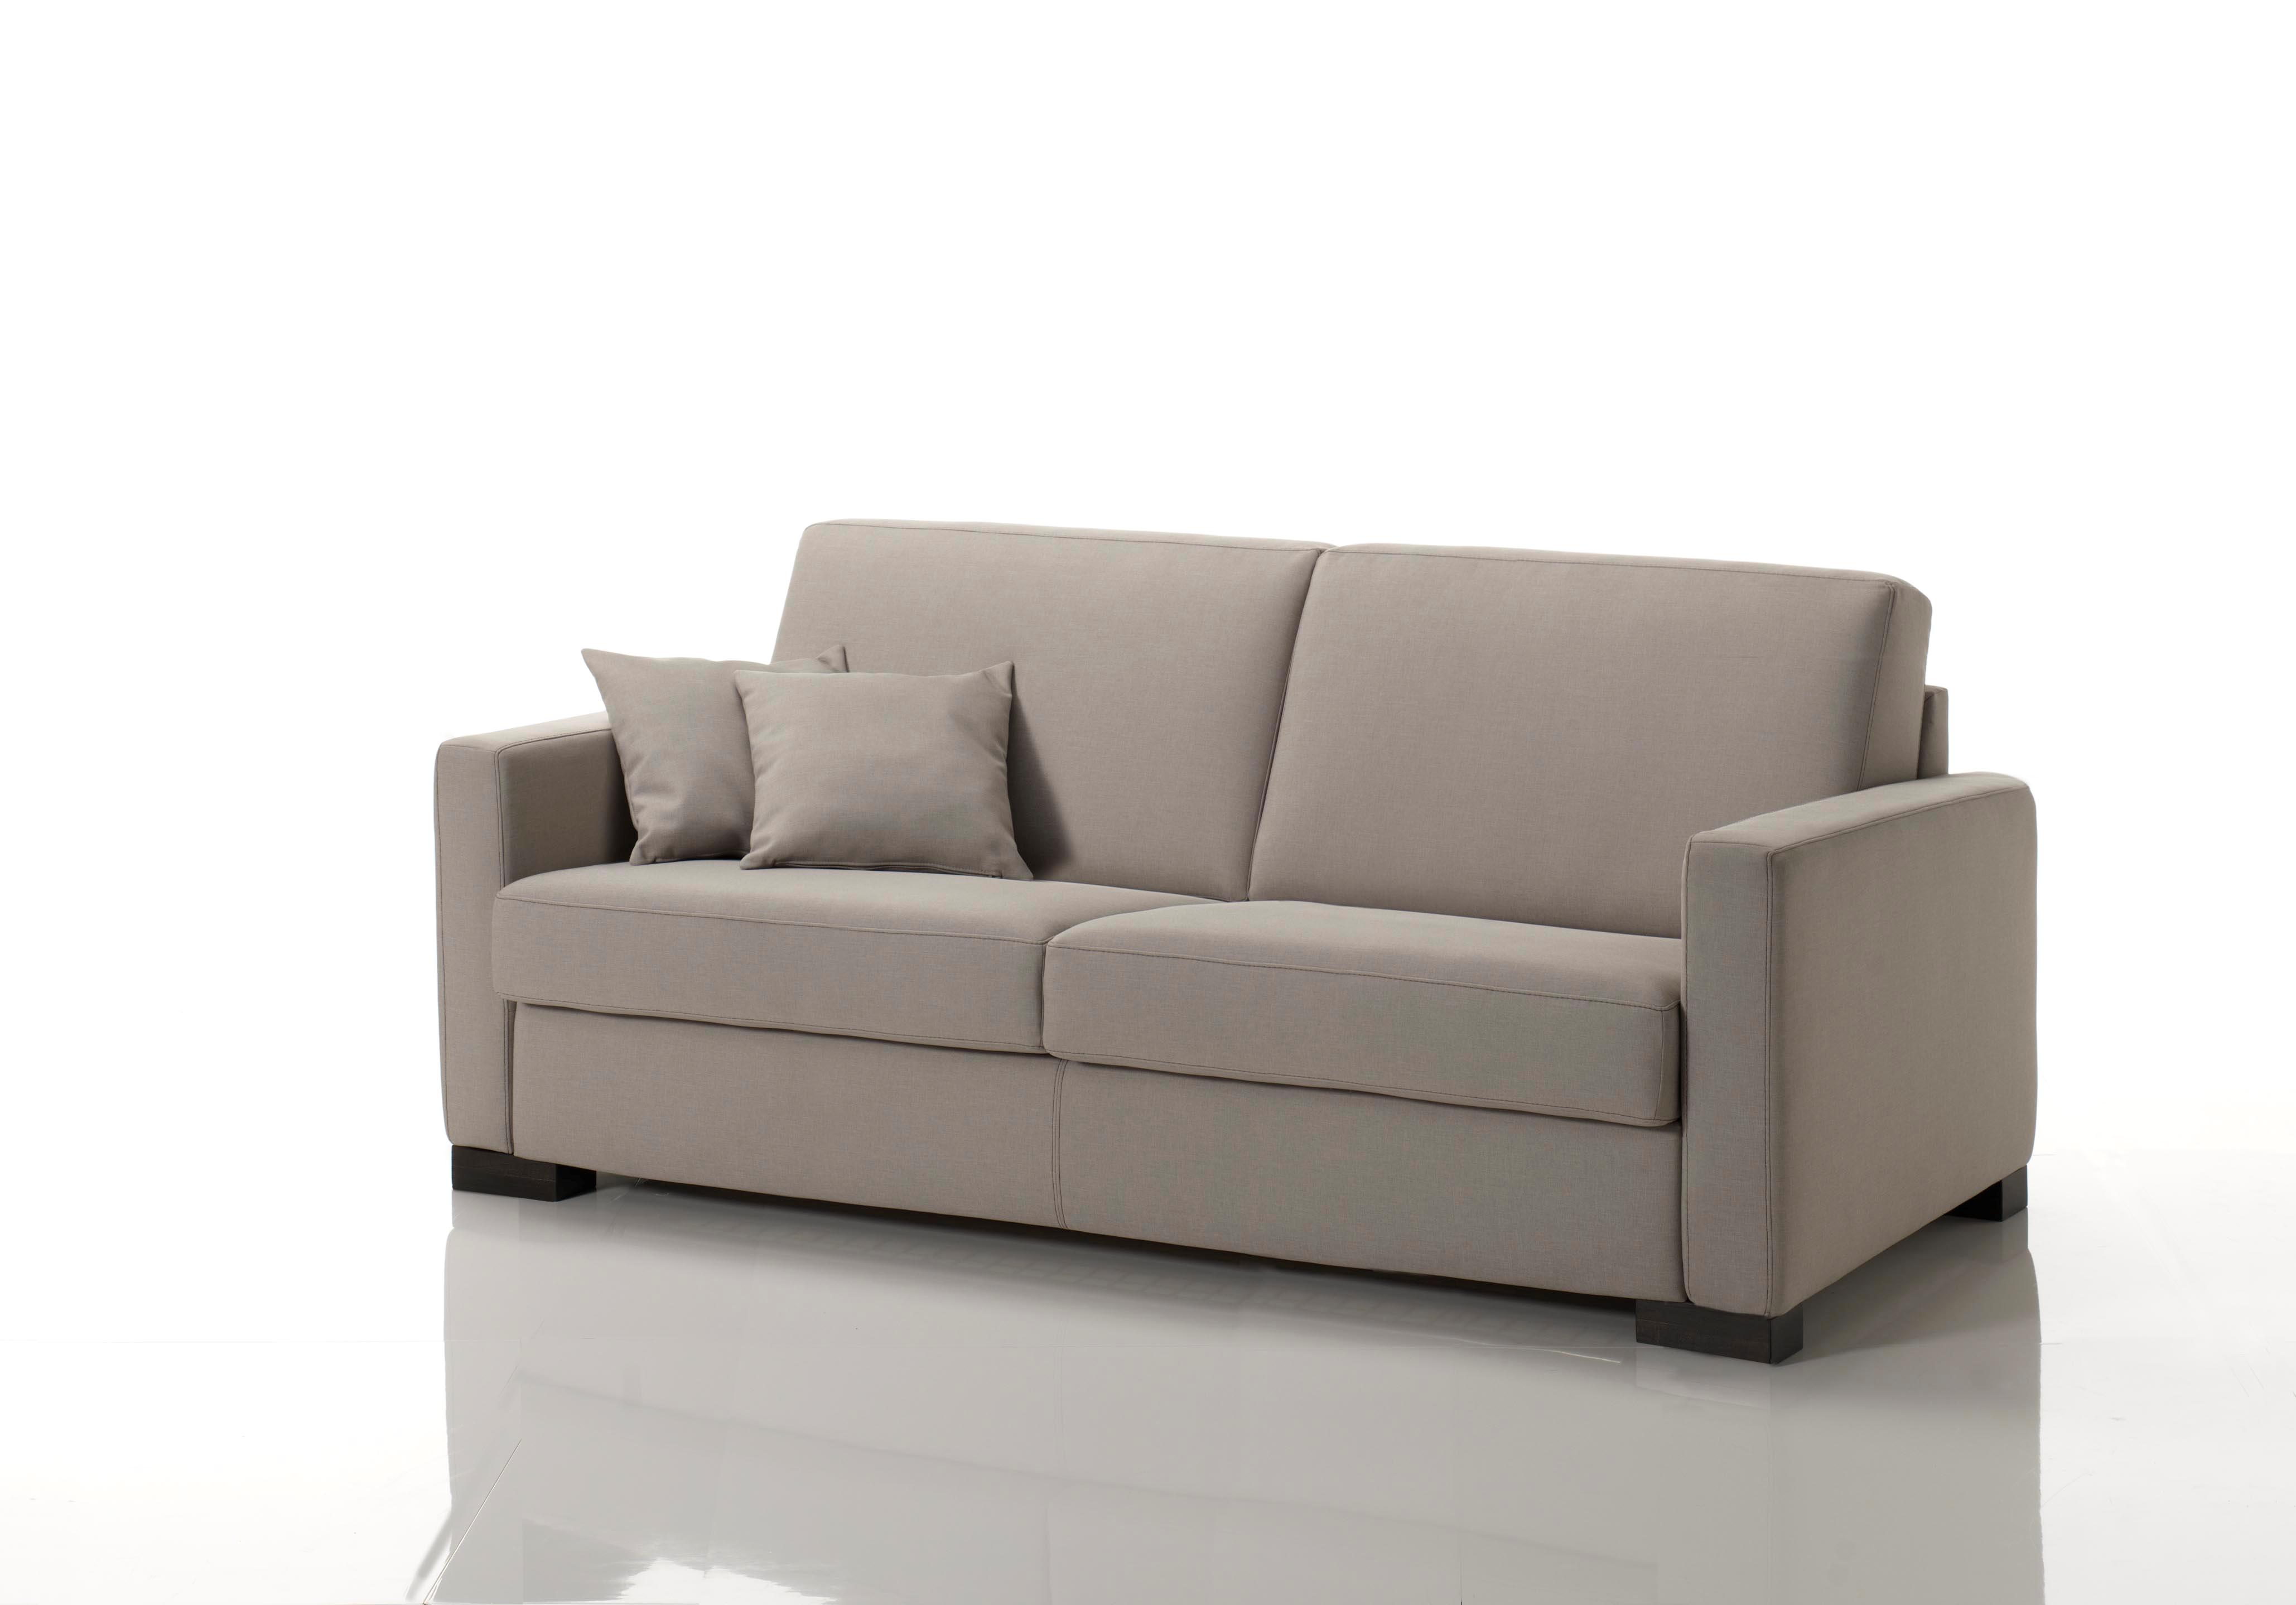 Divano letto con rete elettrosaldata divani a prezzi - Poltrona pelle ikea ...